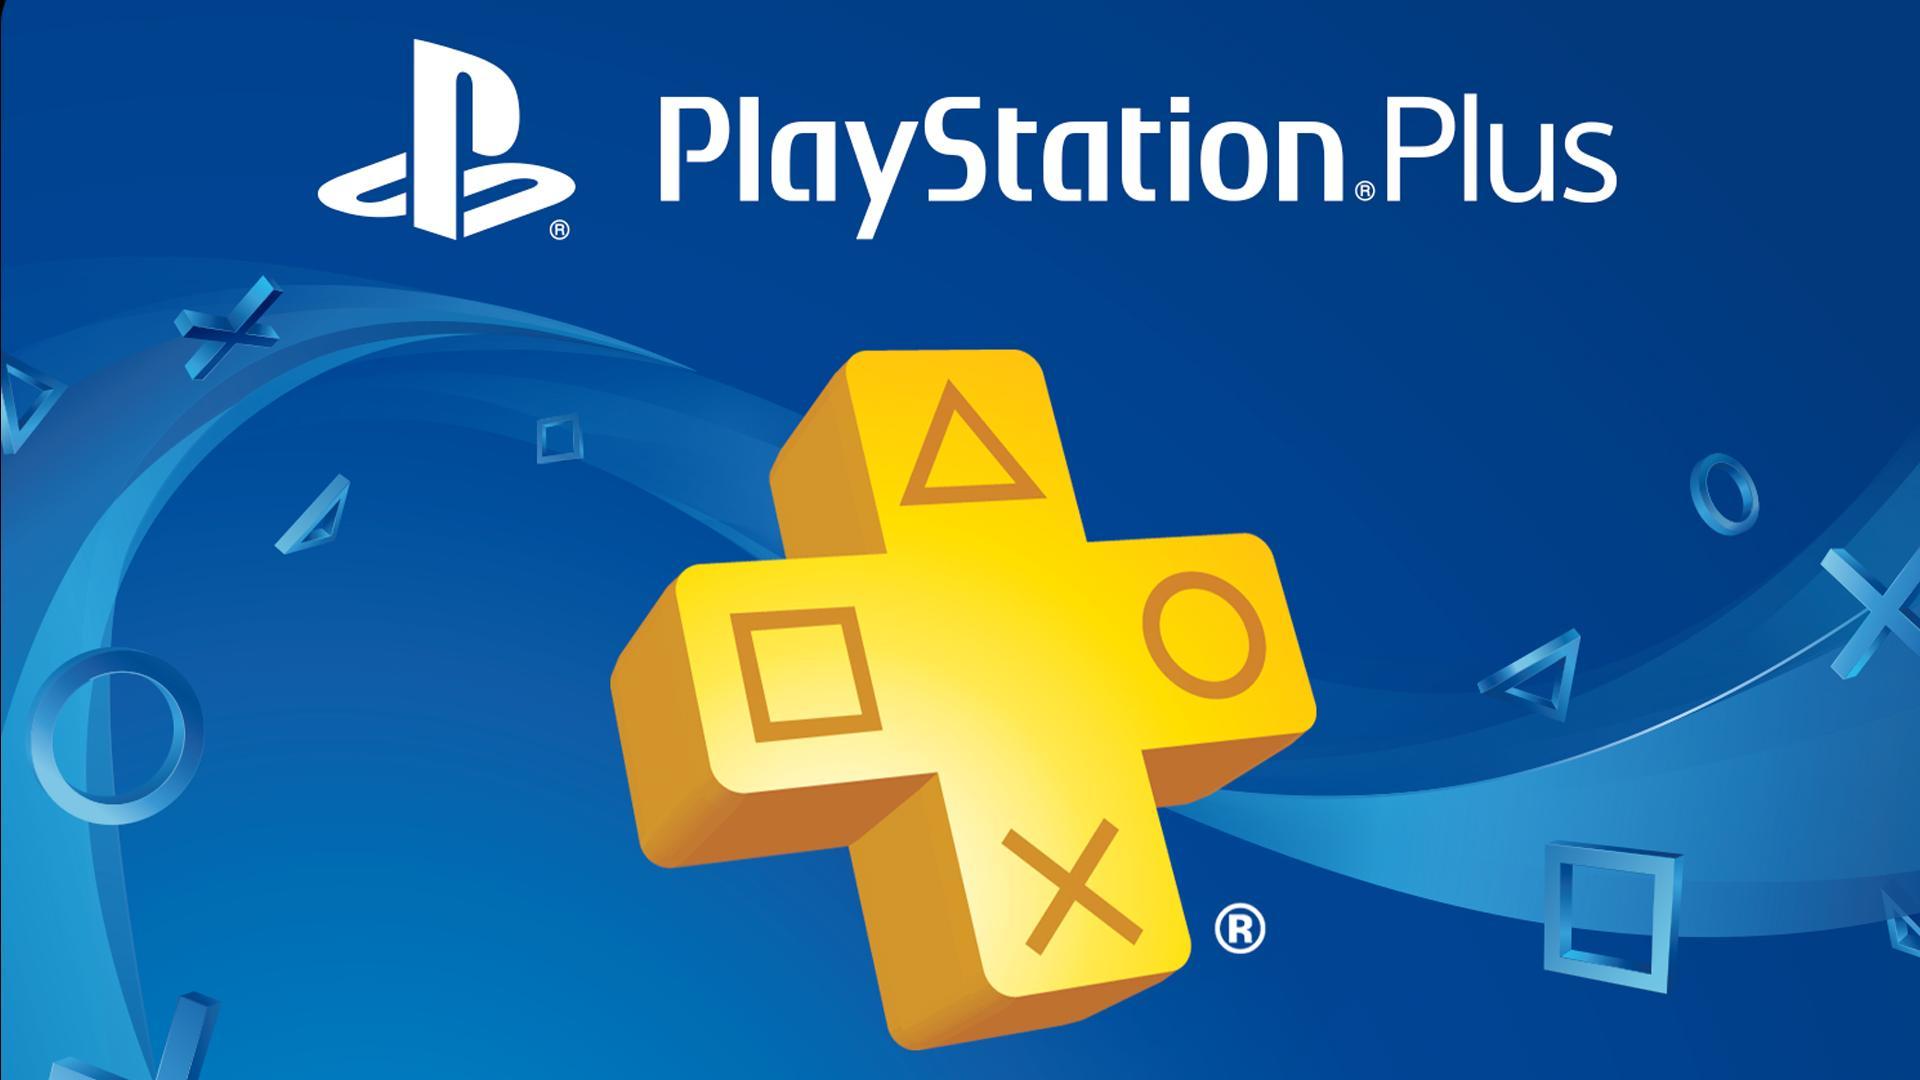 Os jogadores de PS4 e PS5 poderão desfrutar de um presente surpresa de Natal: um fim de semana multijogador gratuito na PS Plus.